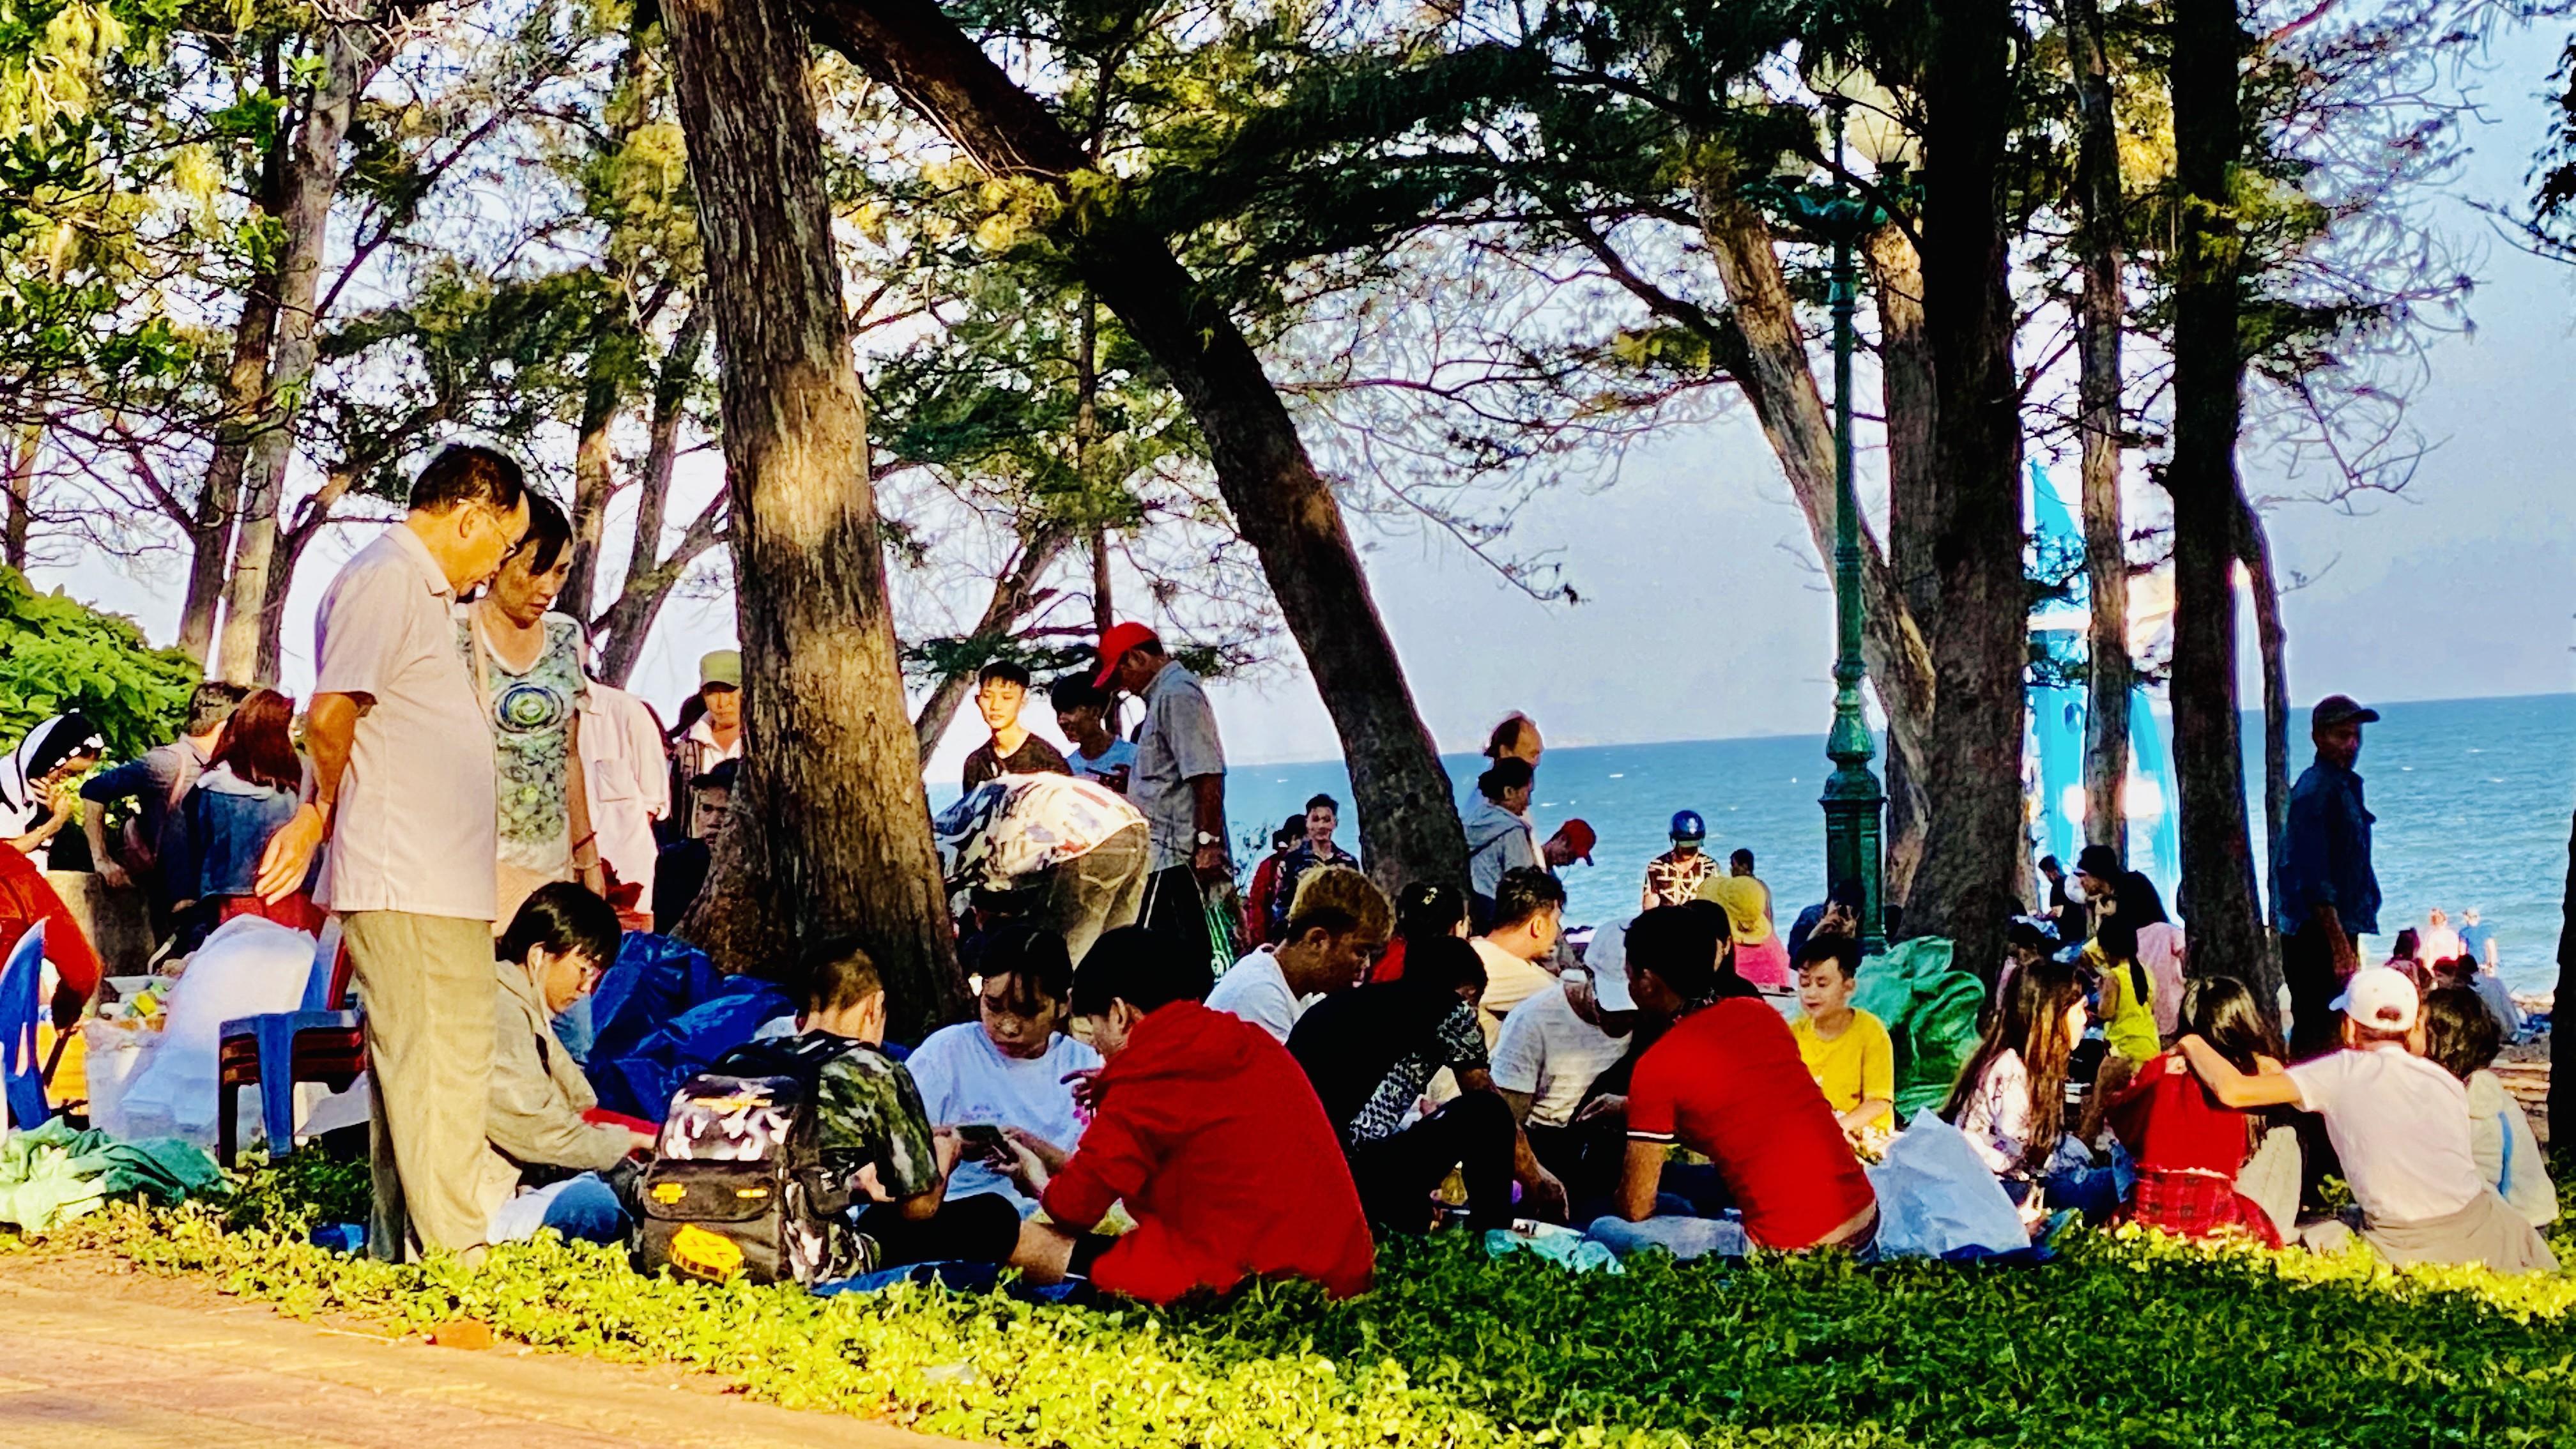 Bãi biển Phan Thiết chật kín người ngày mùng 4 Tết Ảnh 13